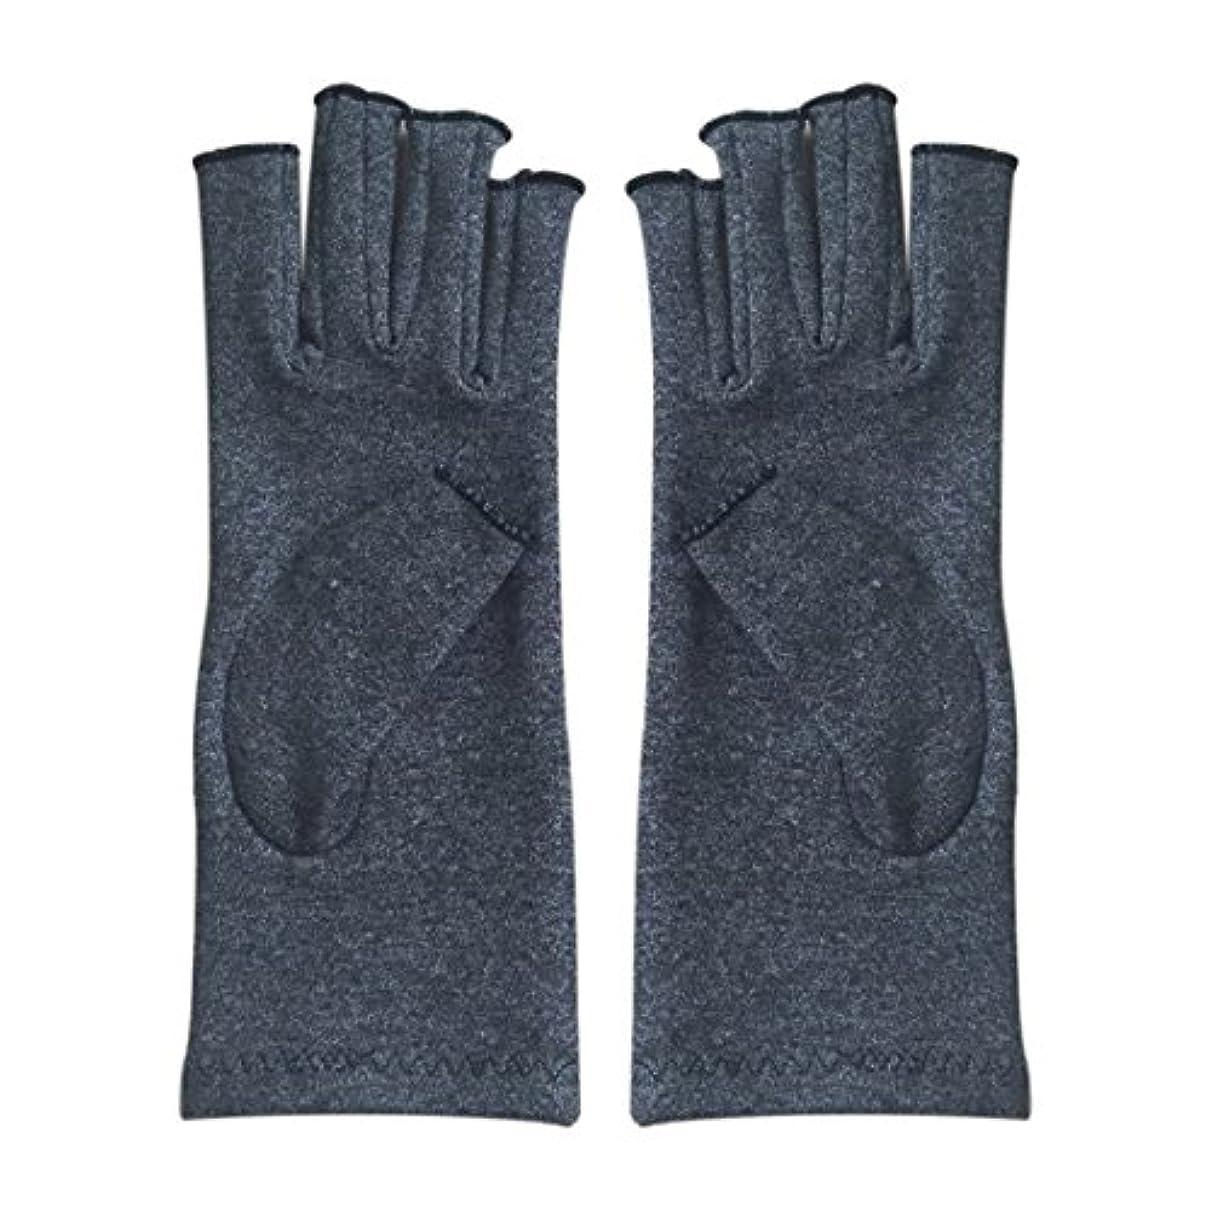 スラッシュトランジスタ鉄CUHAWUDBA 1ペア成人男性女性用弾性コットンコンプレッション手袋手関節炎関節痛鎮痛軽減M - 灰色、M